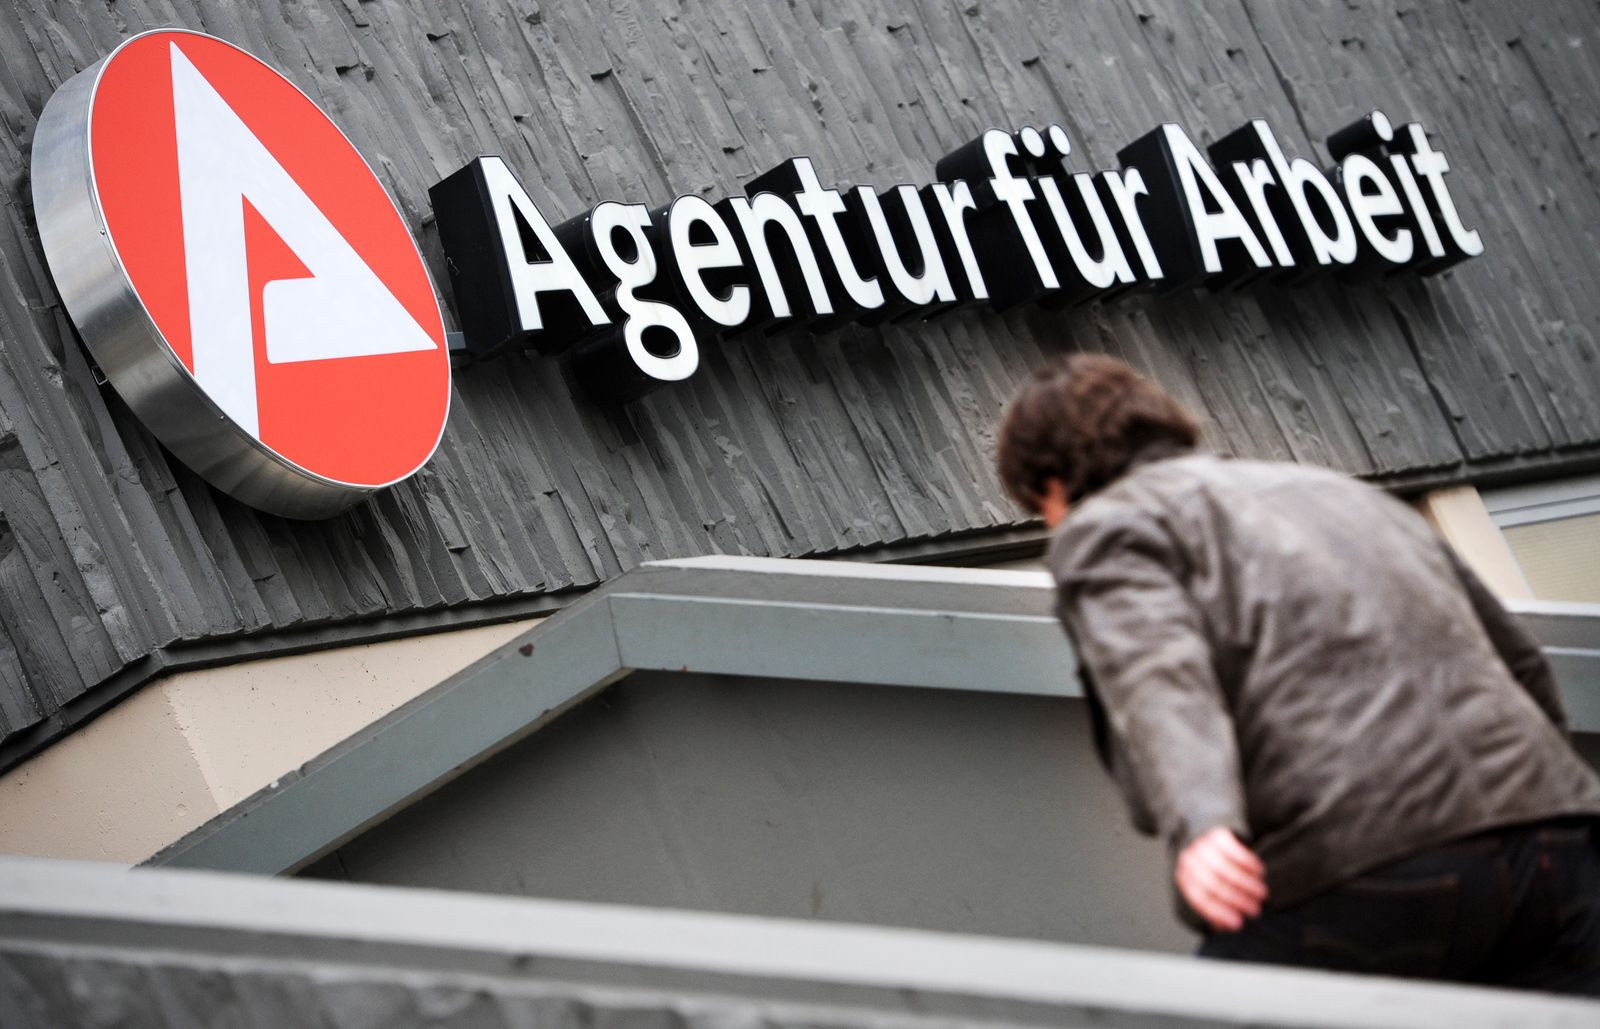 Agentur für Arbeit / Arbeitsagentur / Arbeitslosigkeit / Arbeitsmarkt